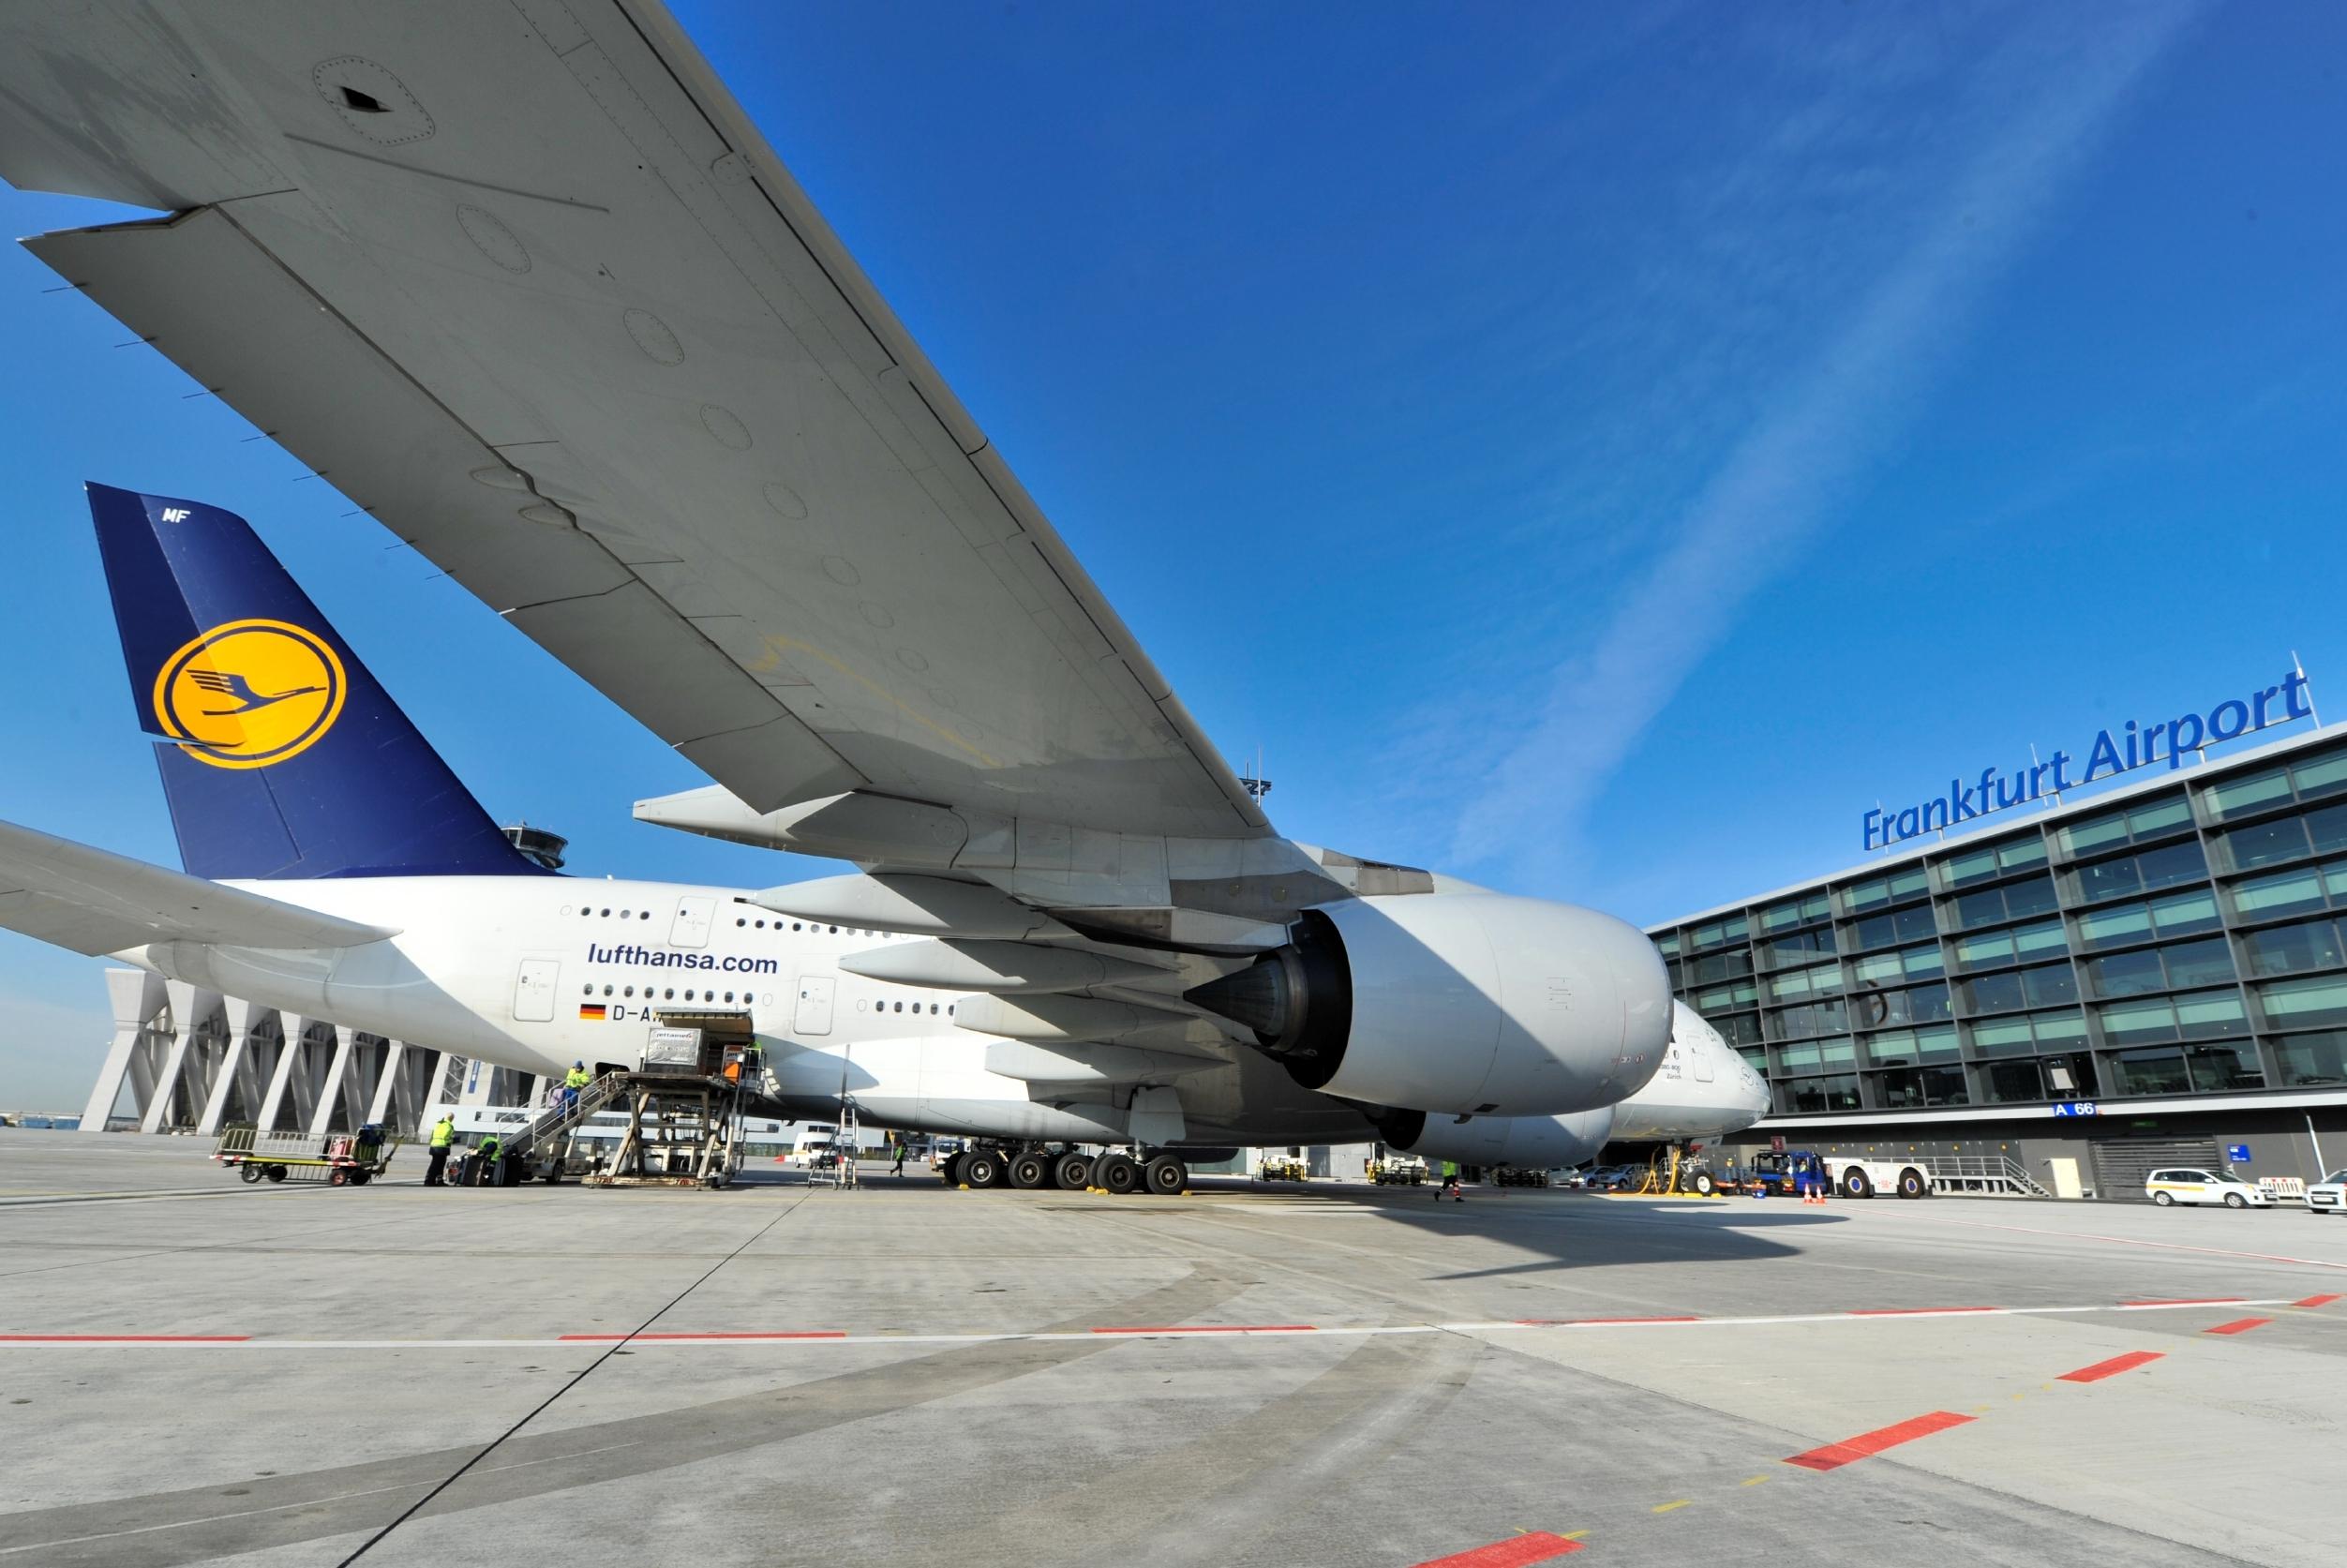 En Airbus A380 fra Lufthansa i flyselskabets hovedlufthavn, Frankfurt. Pressefoto: Lufthansa.